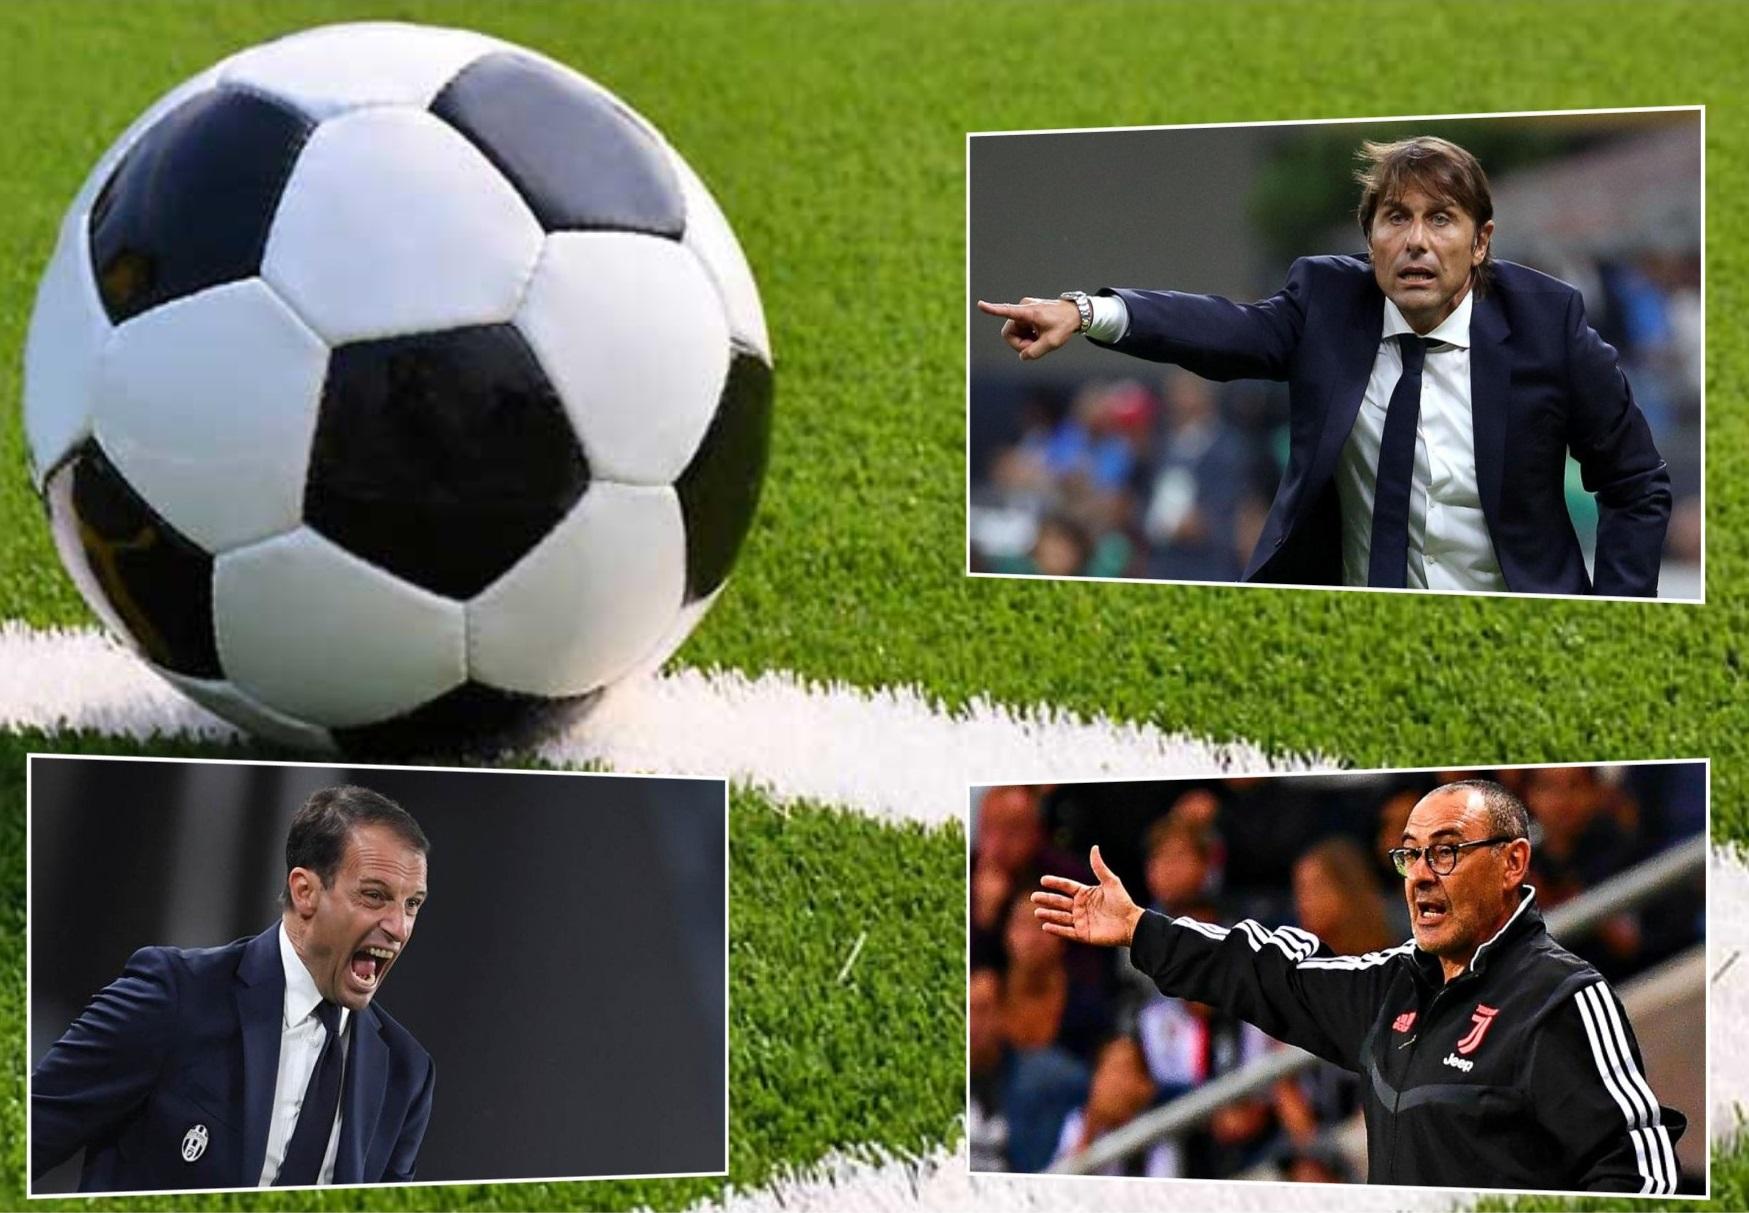 La ripresa del Campionato tra calciomercato parlato e calciomercato praticato: ritorni e novità